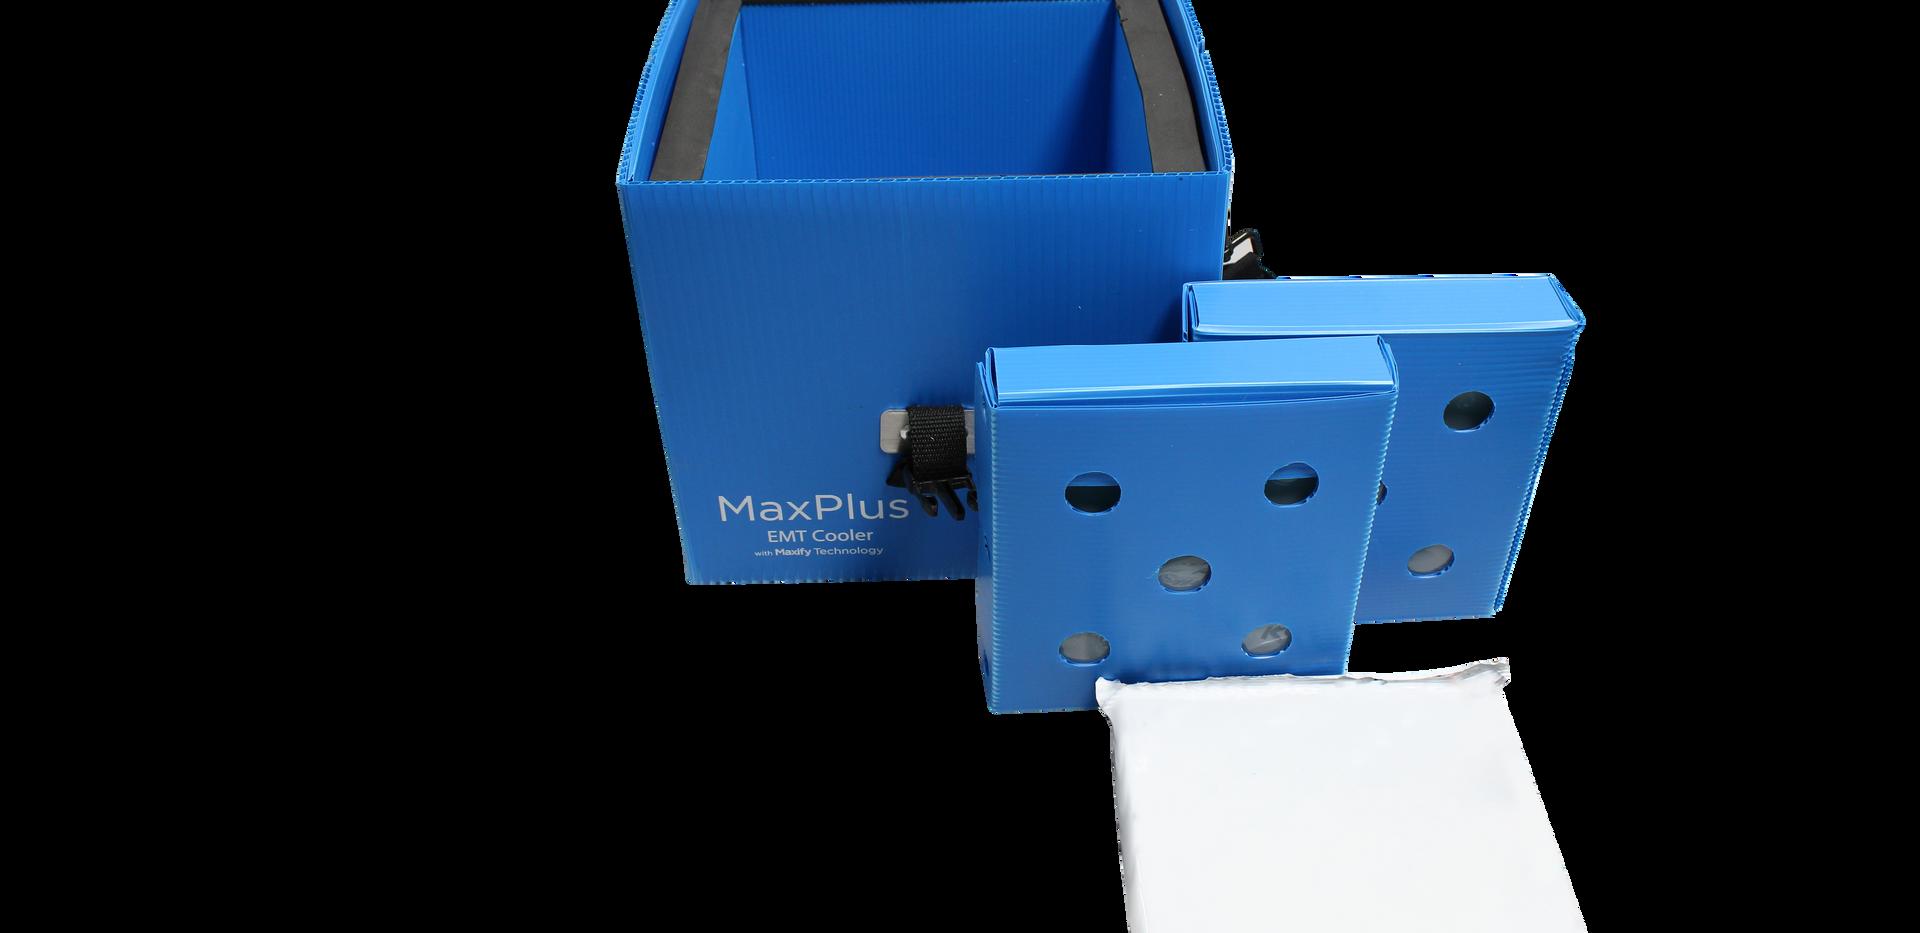 MaxPlus EMT Cooler Contents